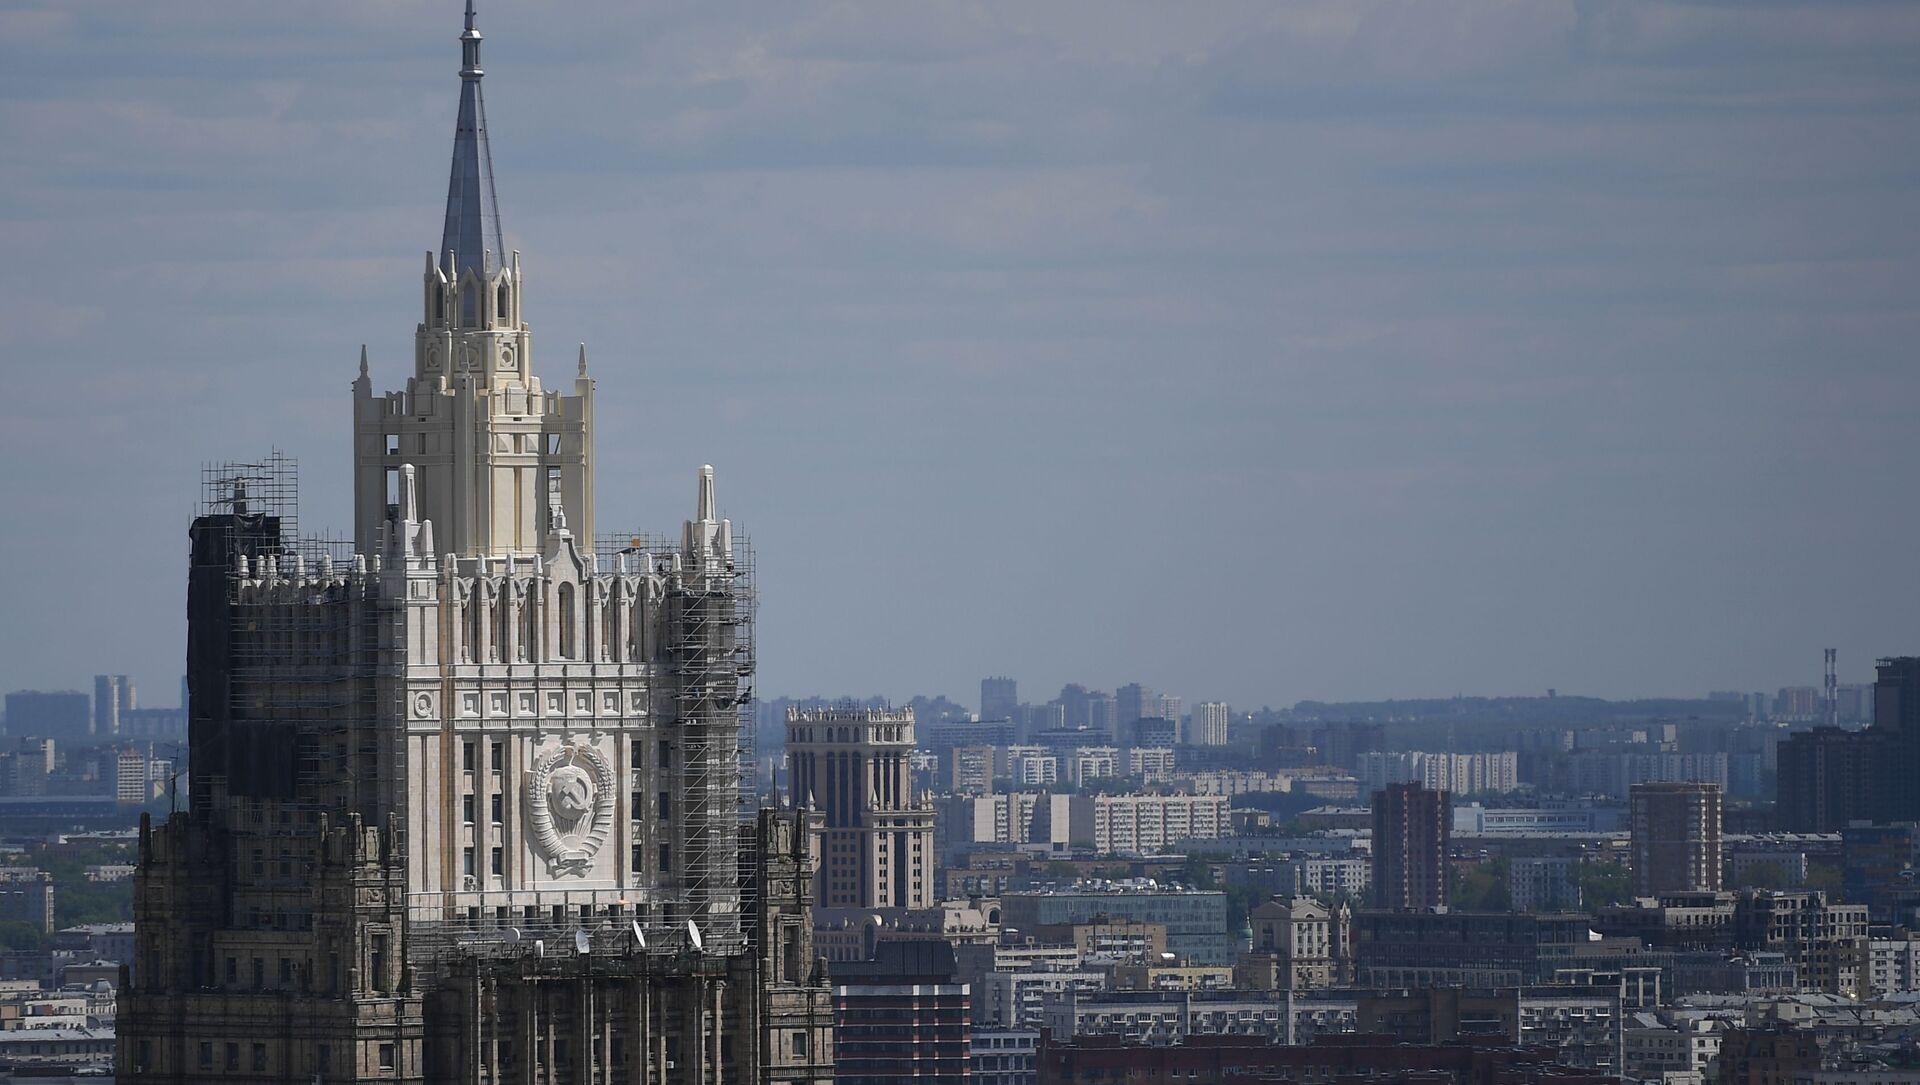 ロシア外務省 - Sputnik 日本, 1920, 16.04.2021